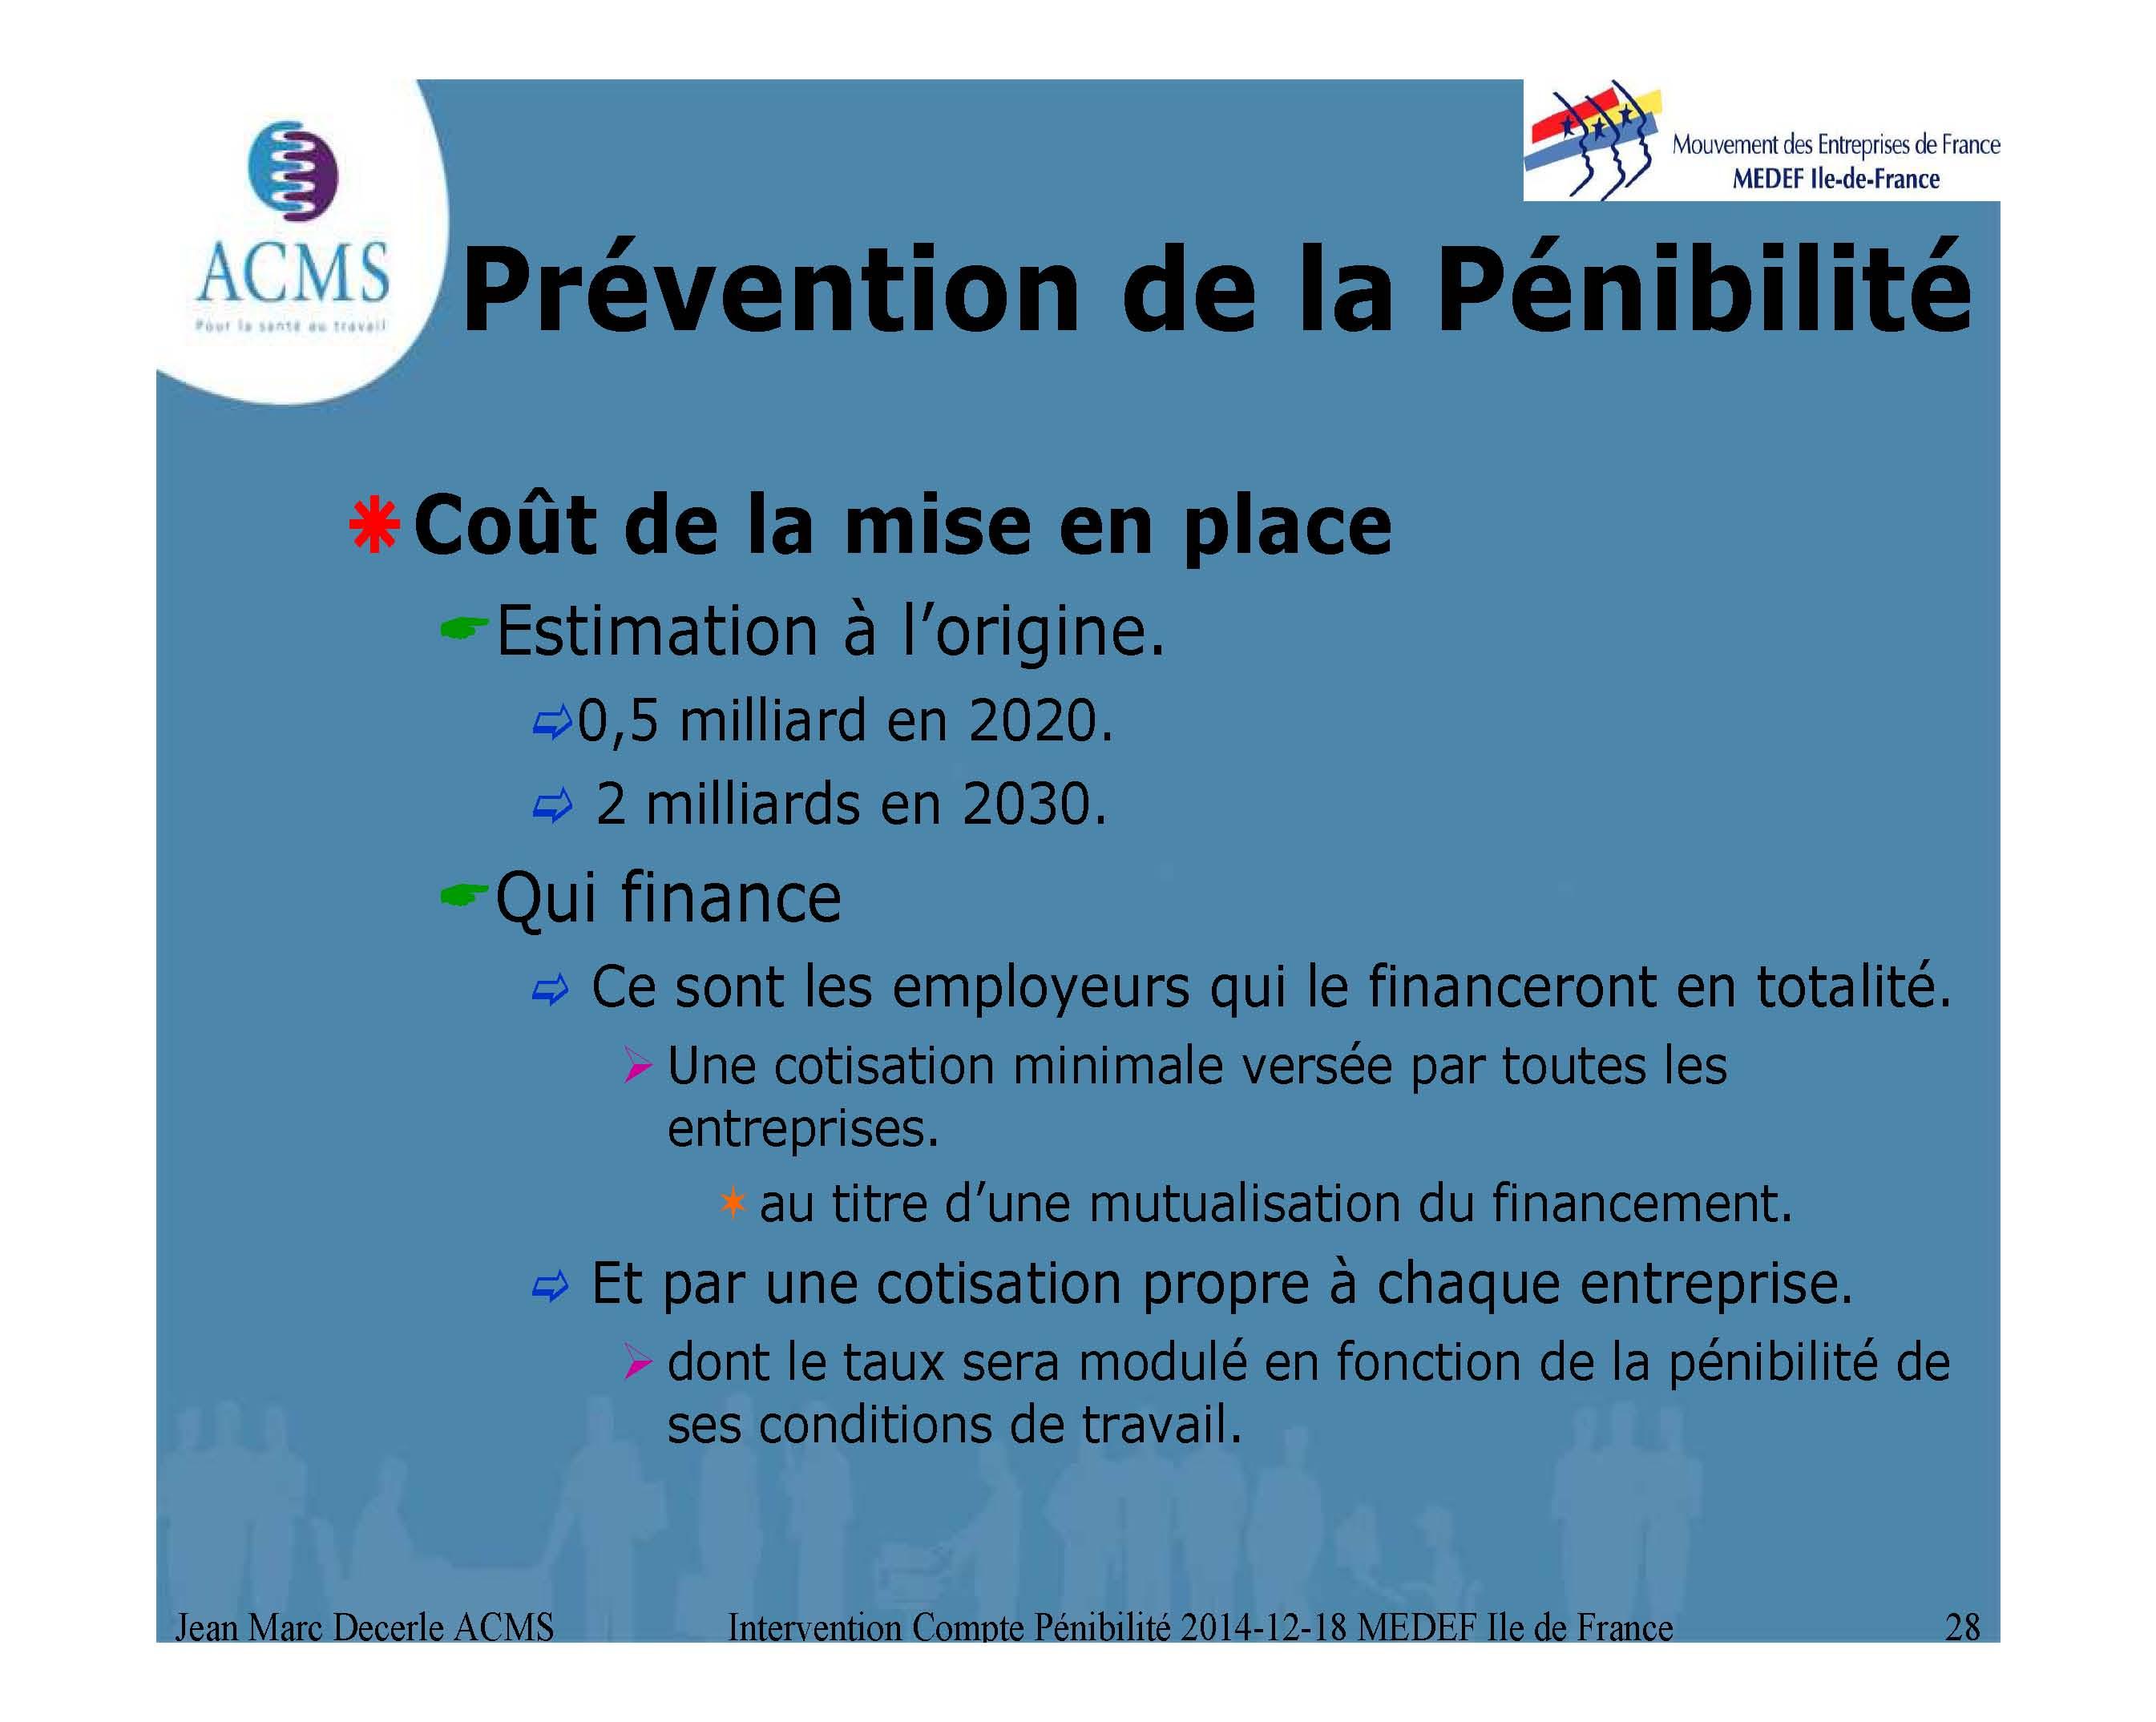 2014-12-18 Compte Pénibilite MEDEF Ile de France_Page_28